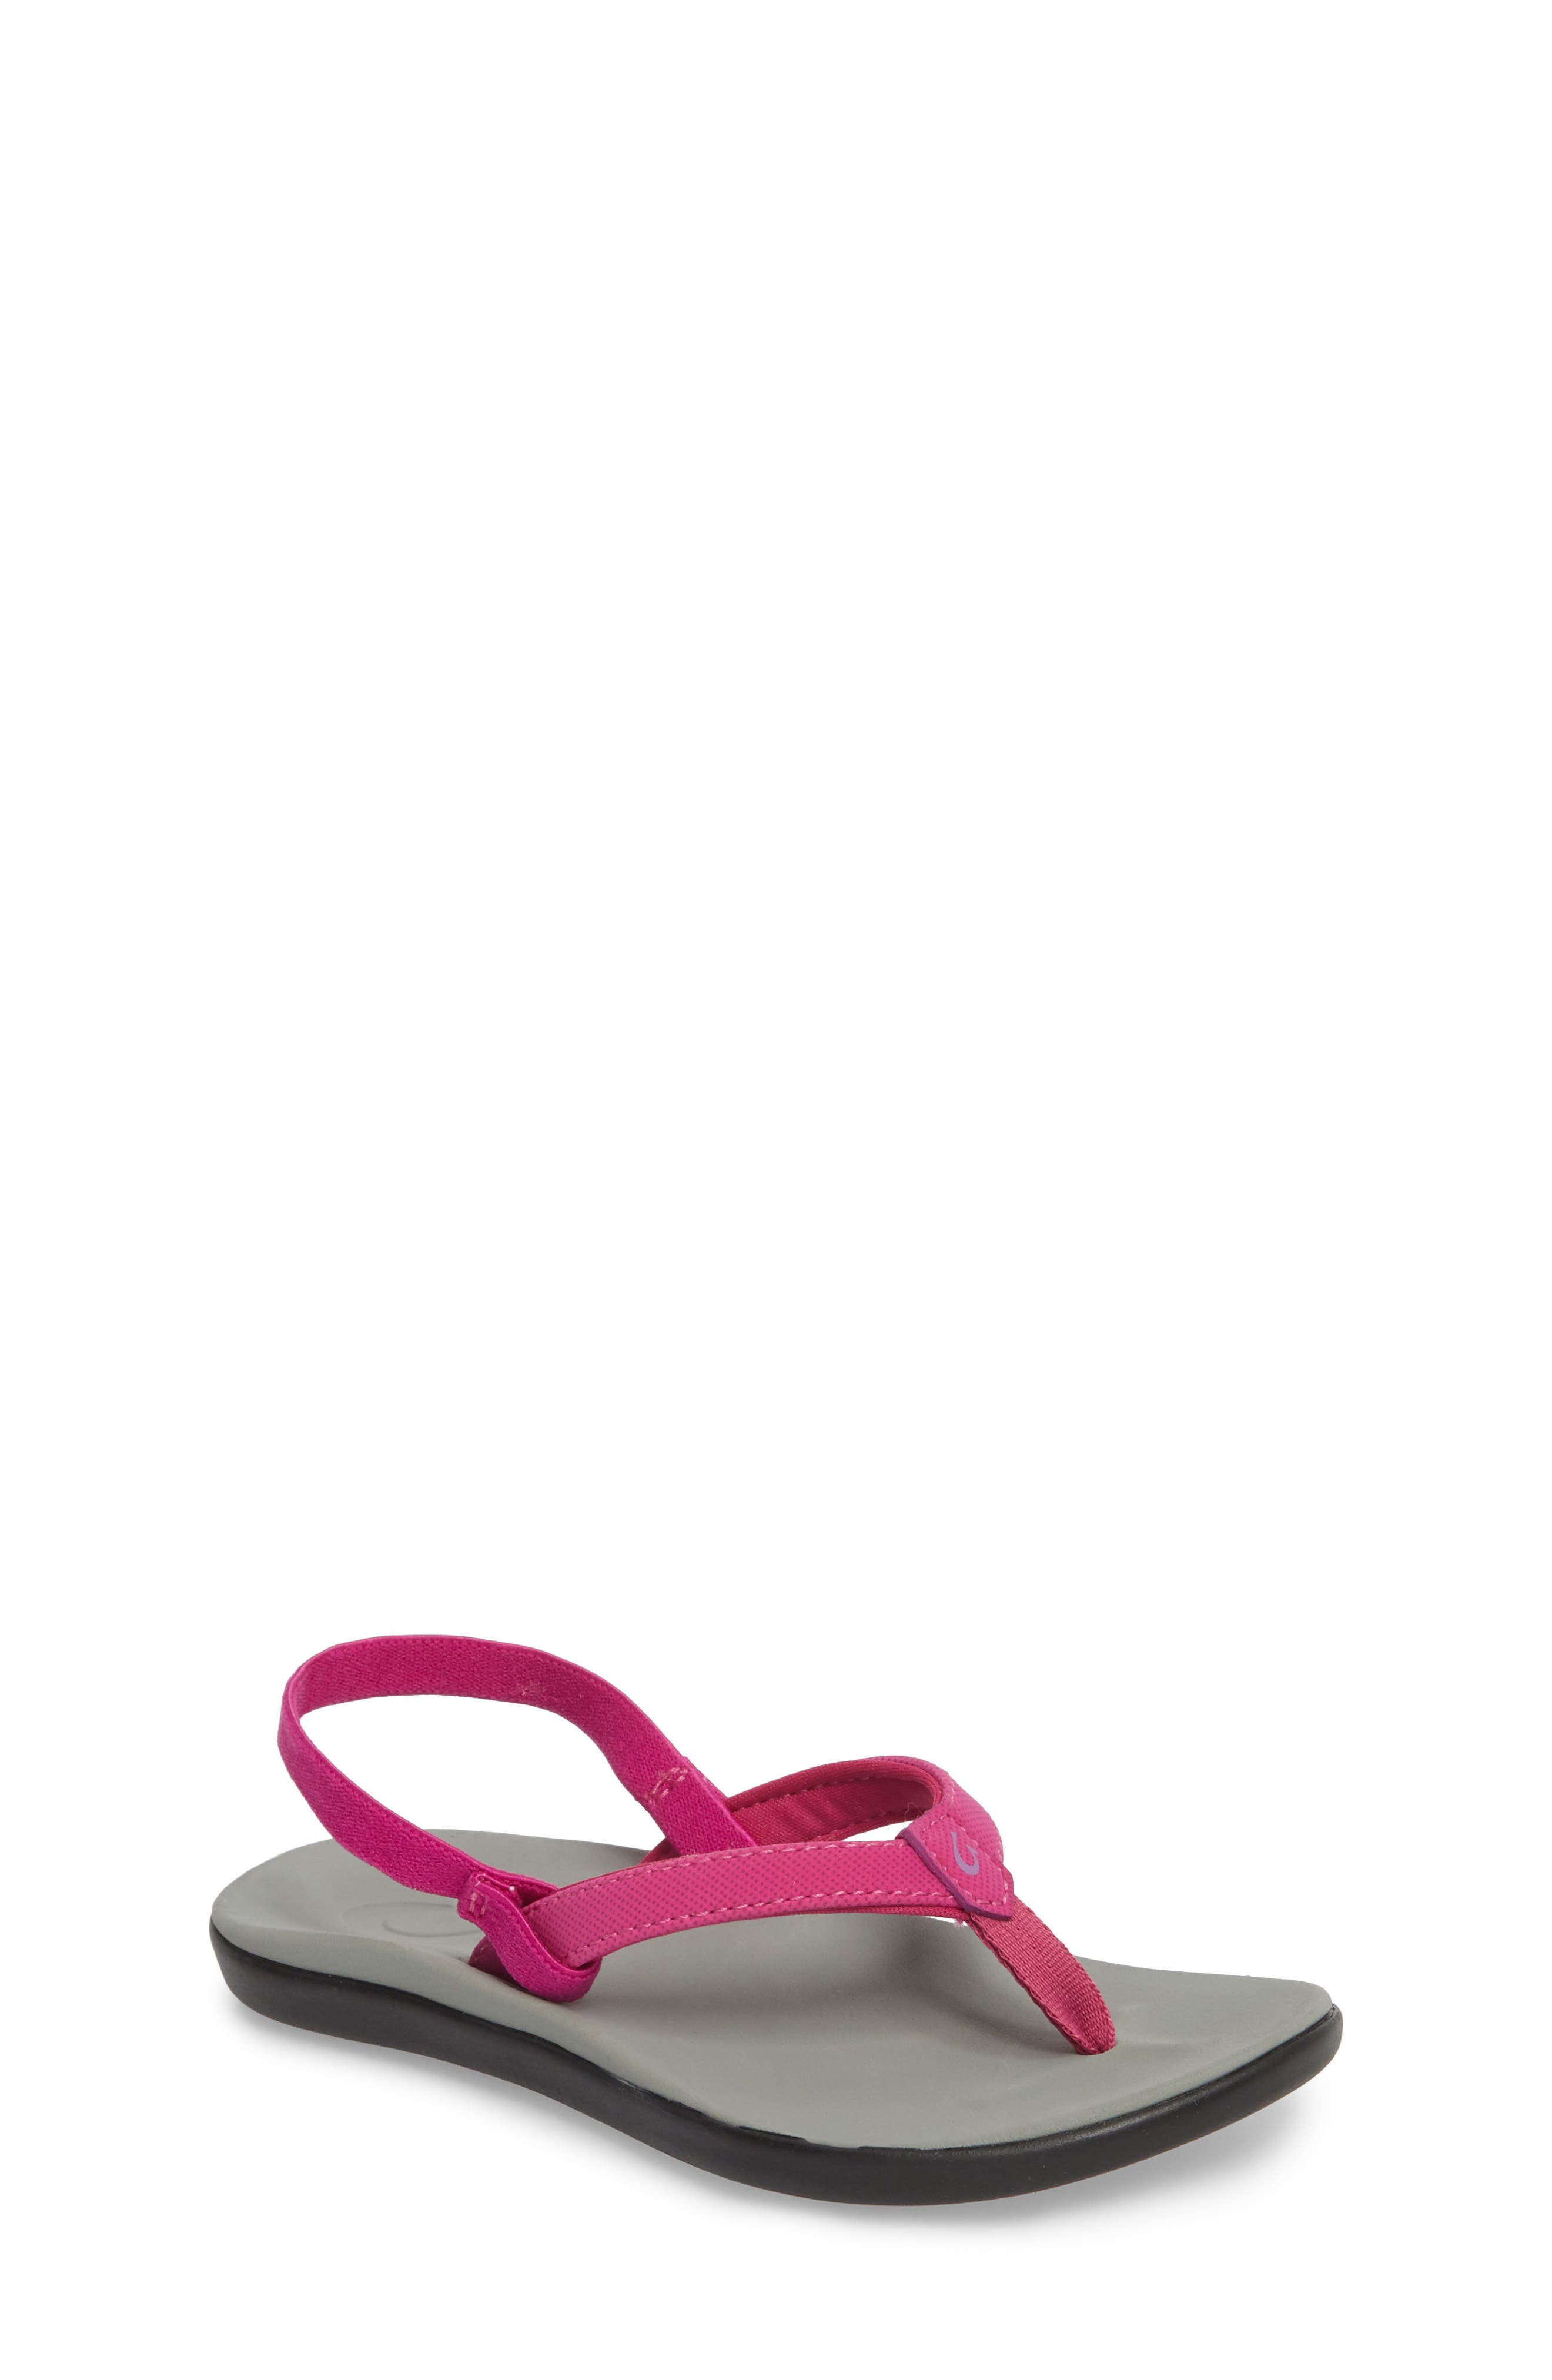 Ho'opio Sandal,                         Main,                         color, Grape Juice/ Pale Grey